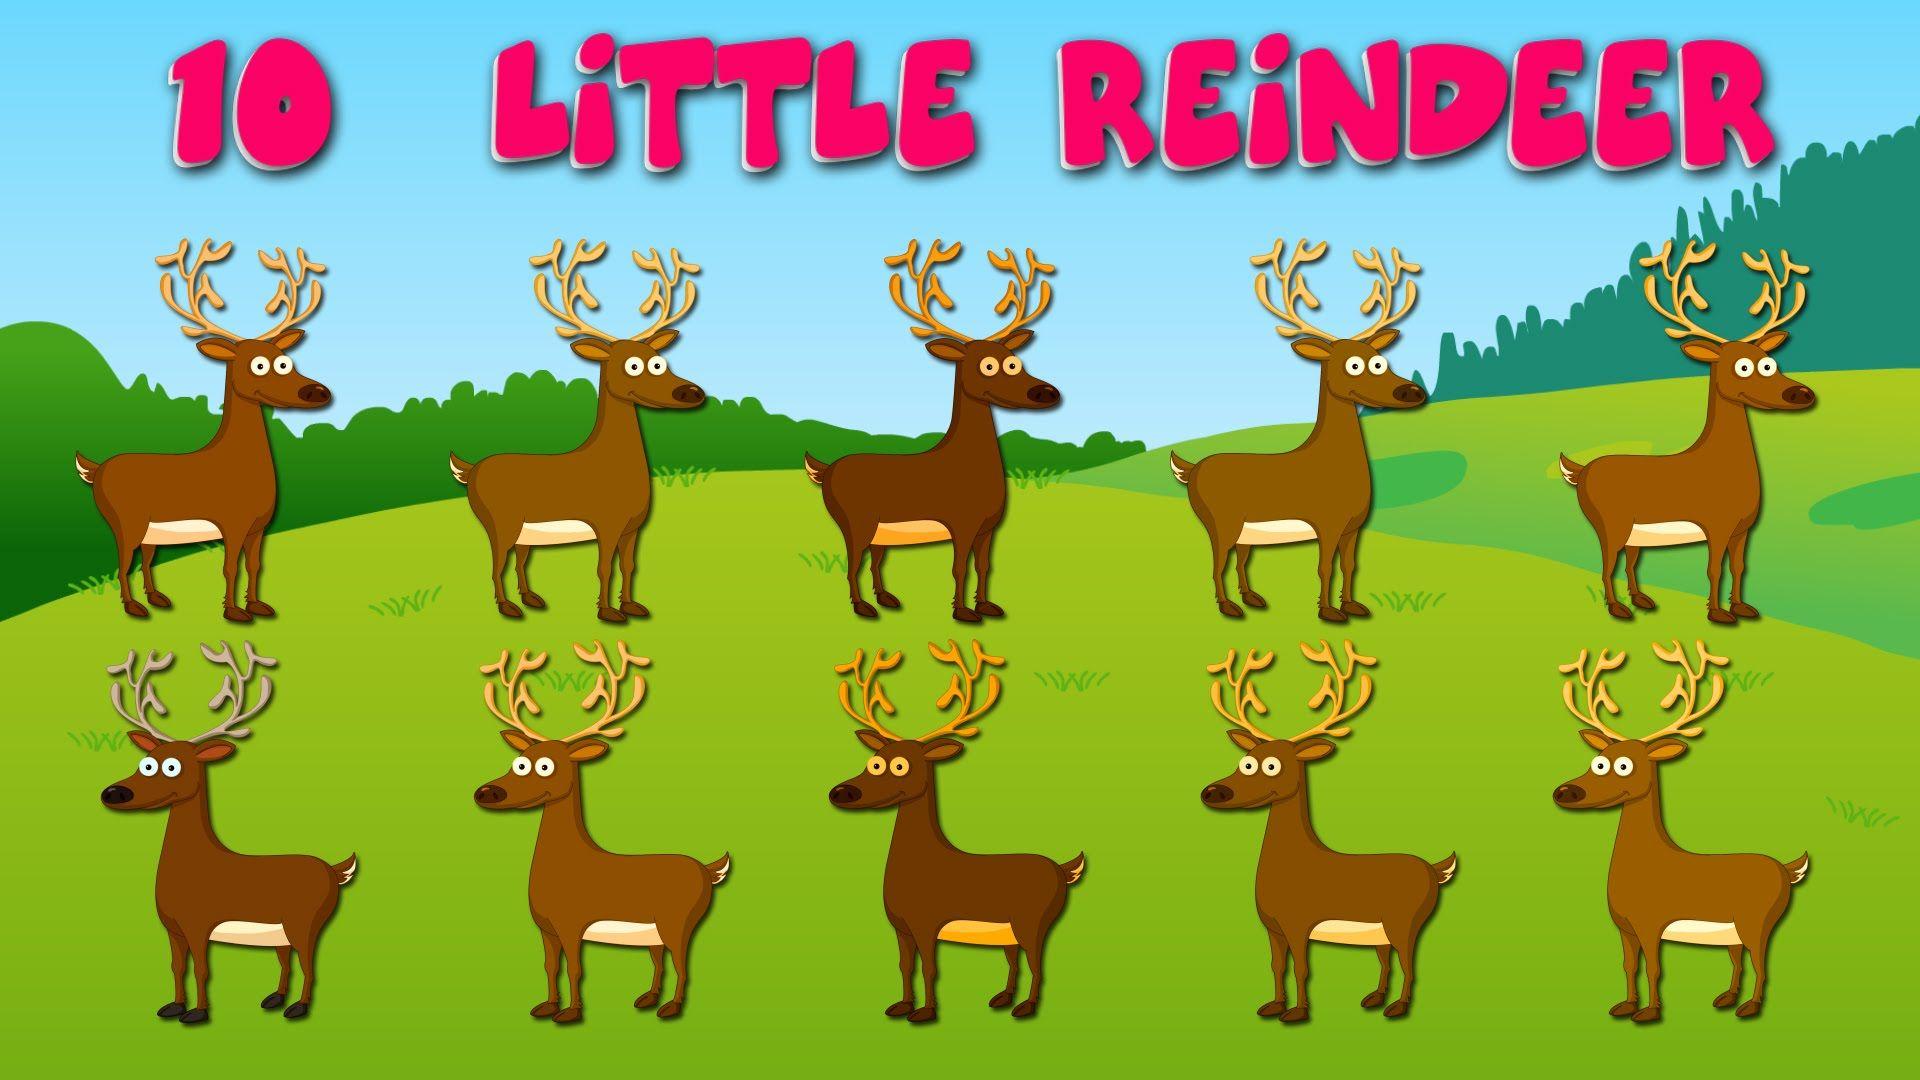 10 Little Reindeer